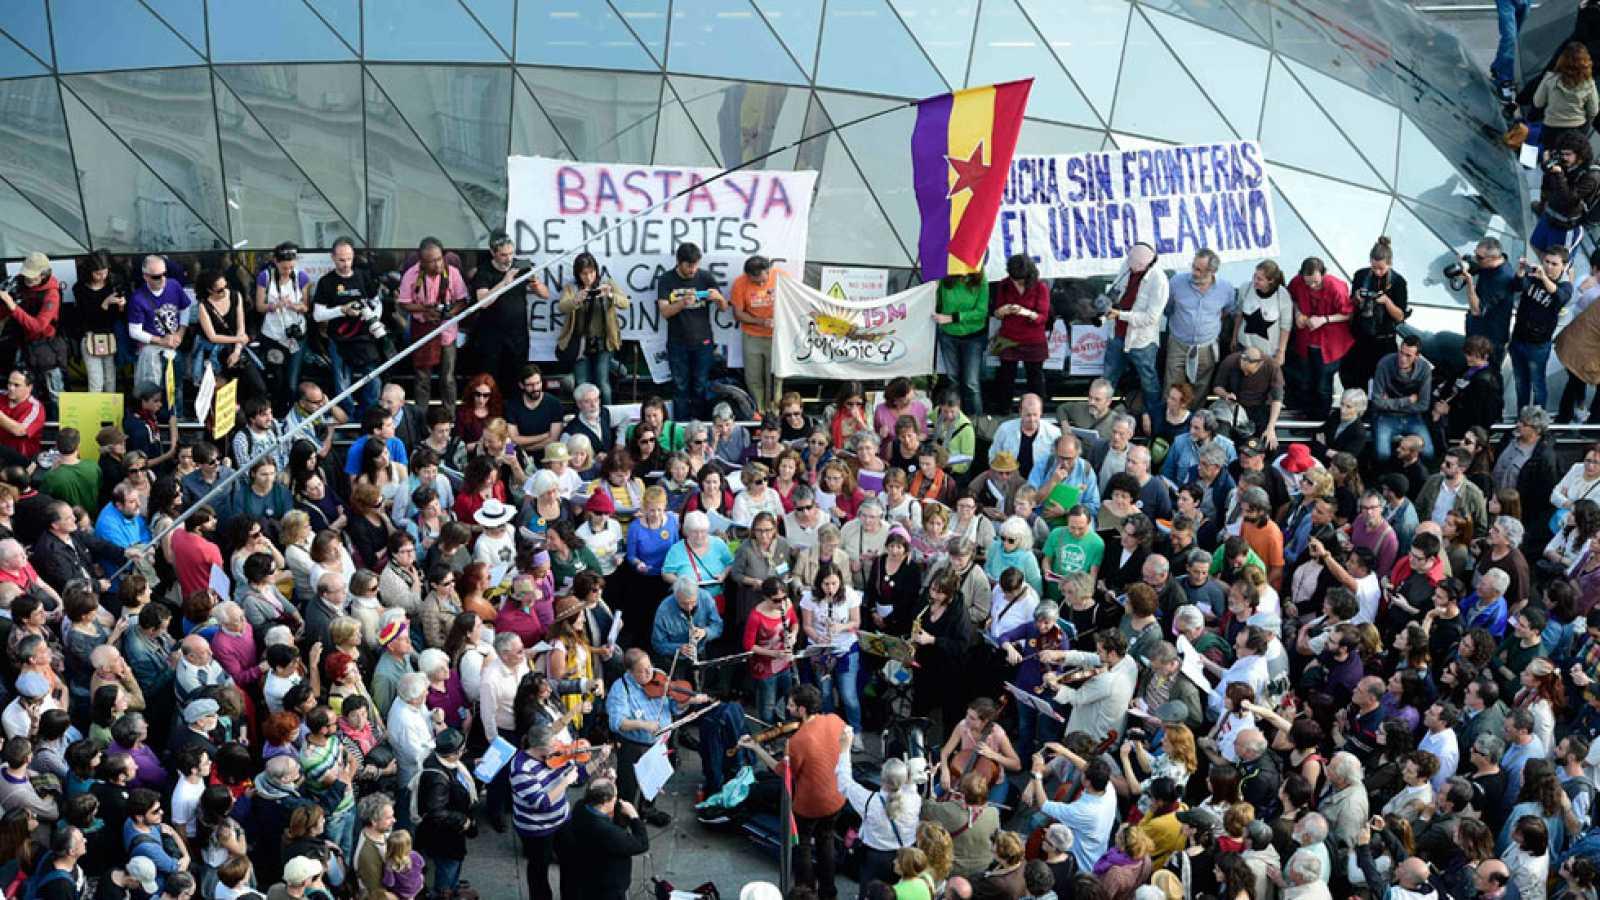 Los indignados del 15M vuelven a la Puerta del Sol cinco años después